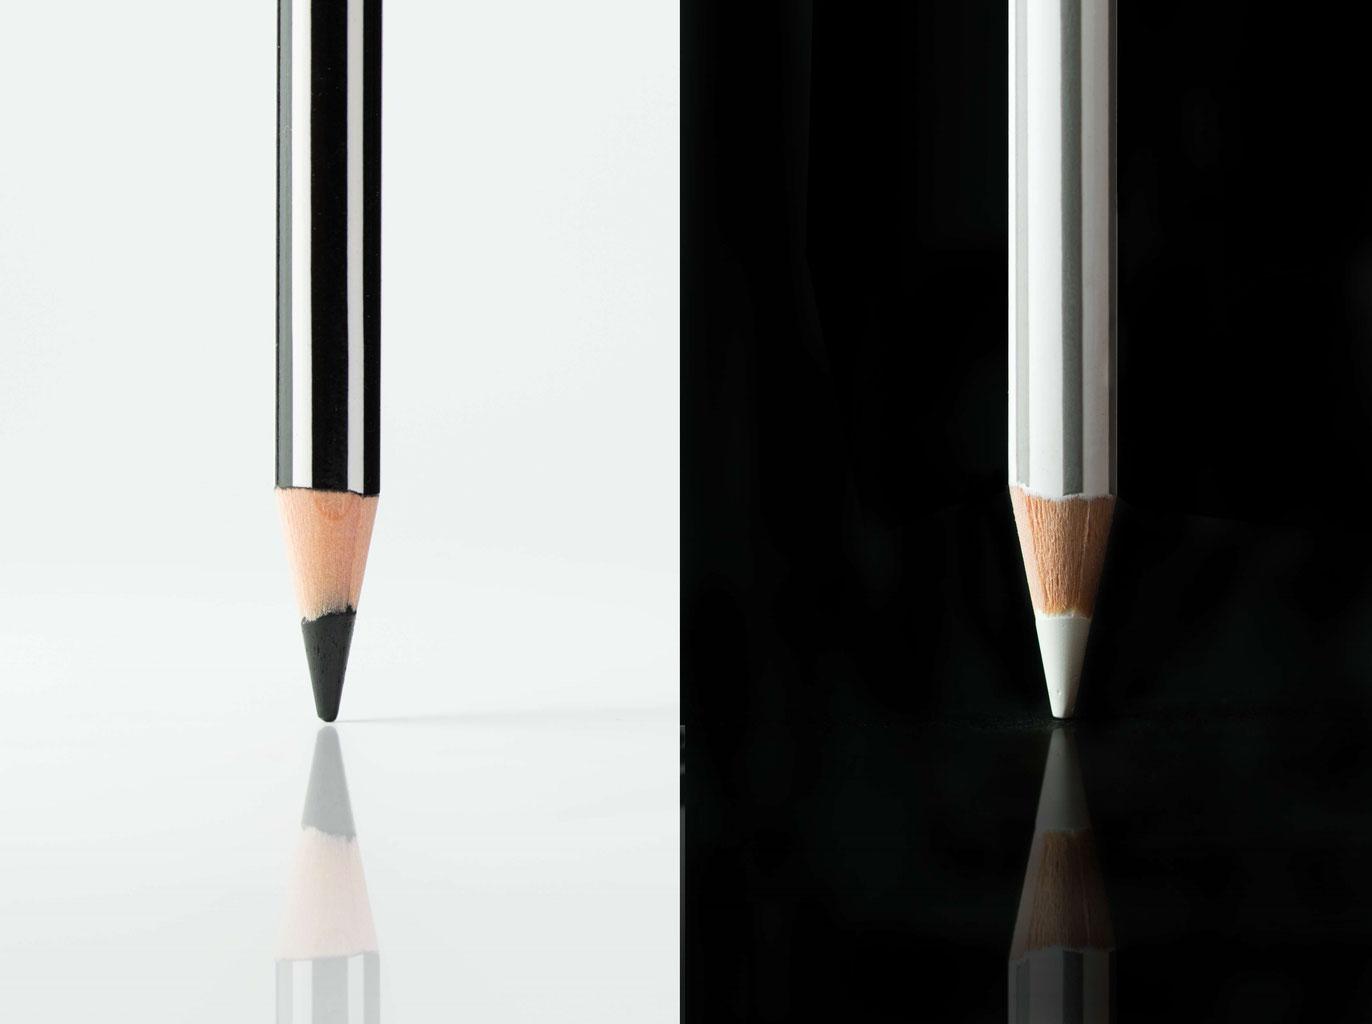 Ein schwarzer und ein weißer Stift